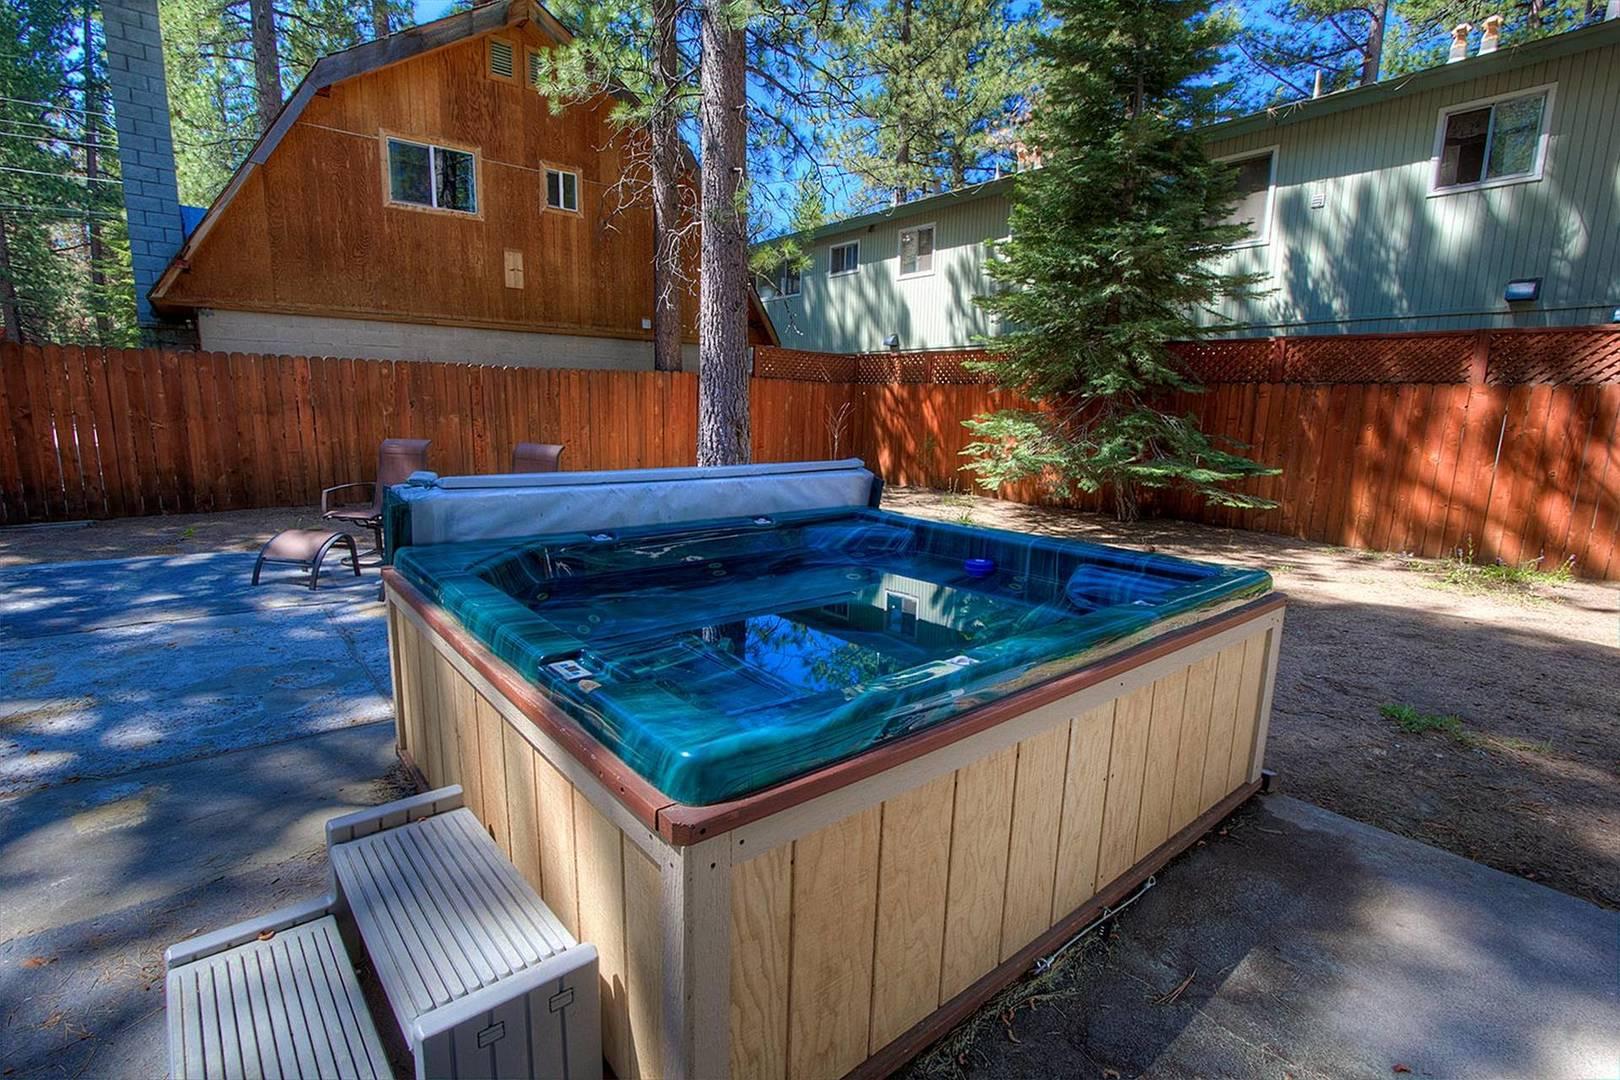 CYH0671 Hot Tub